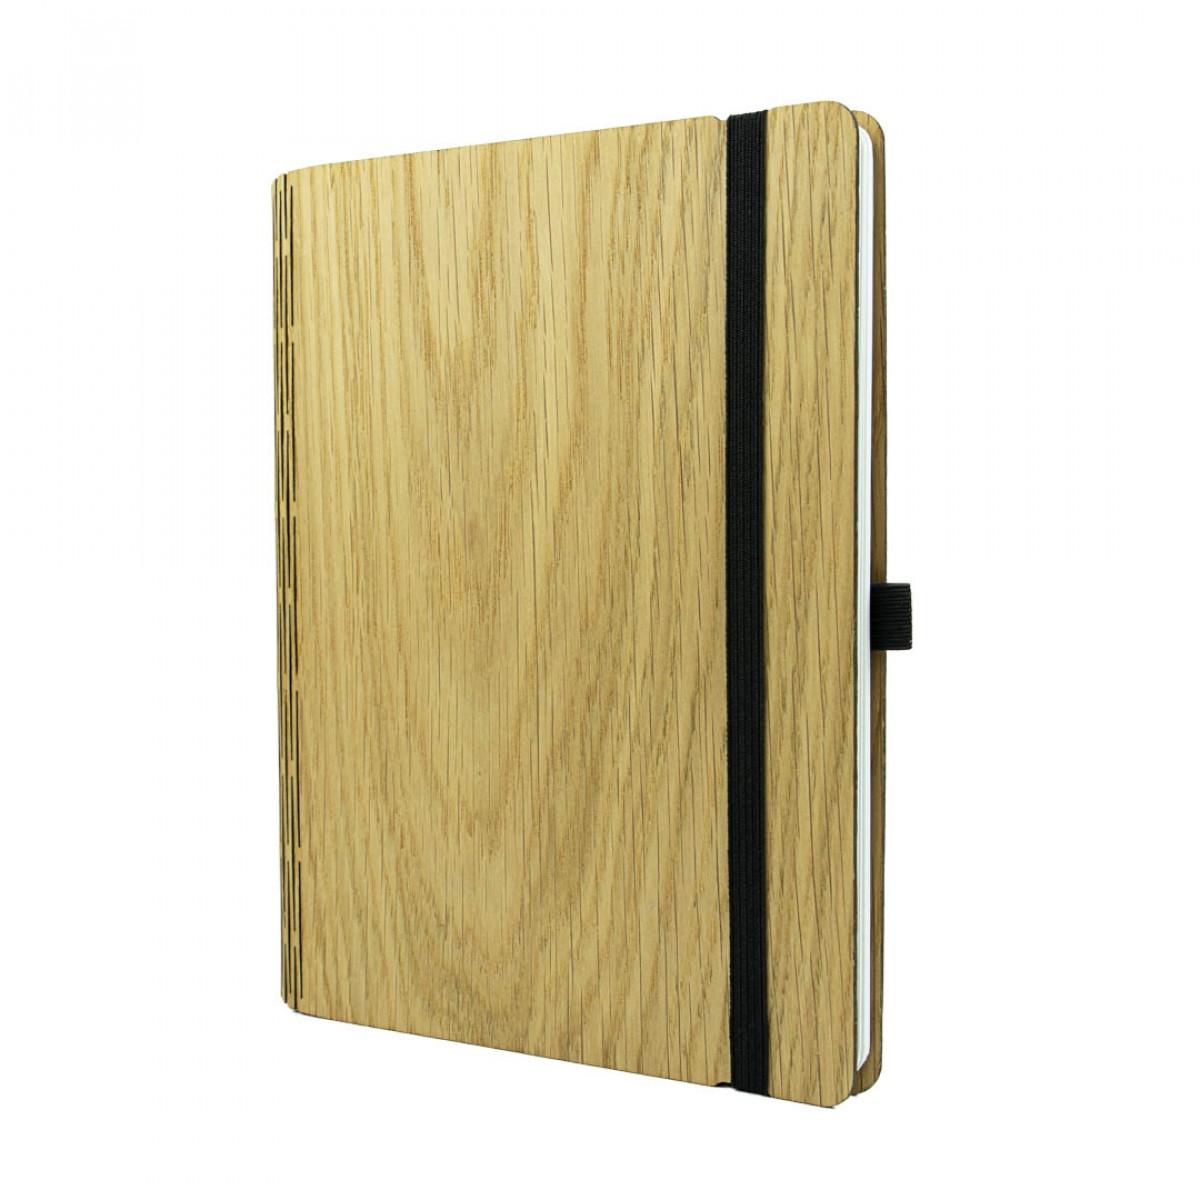 JUNGHOLZ Design Notizbuch,WoodBook, Eiche A5